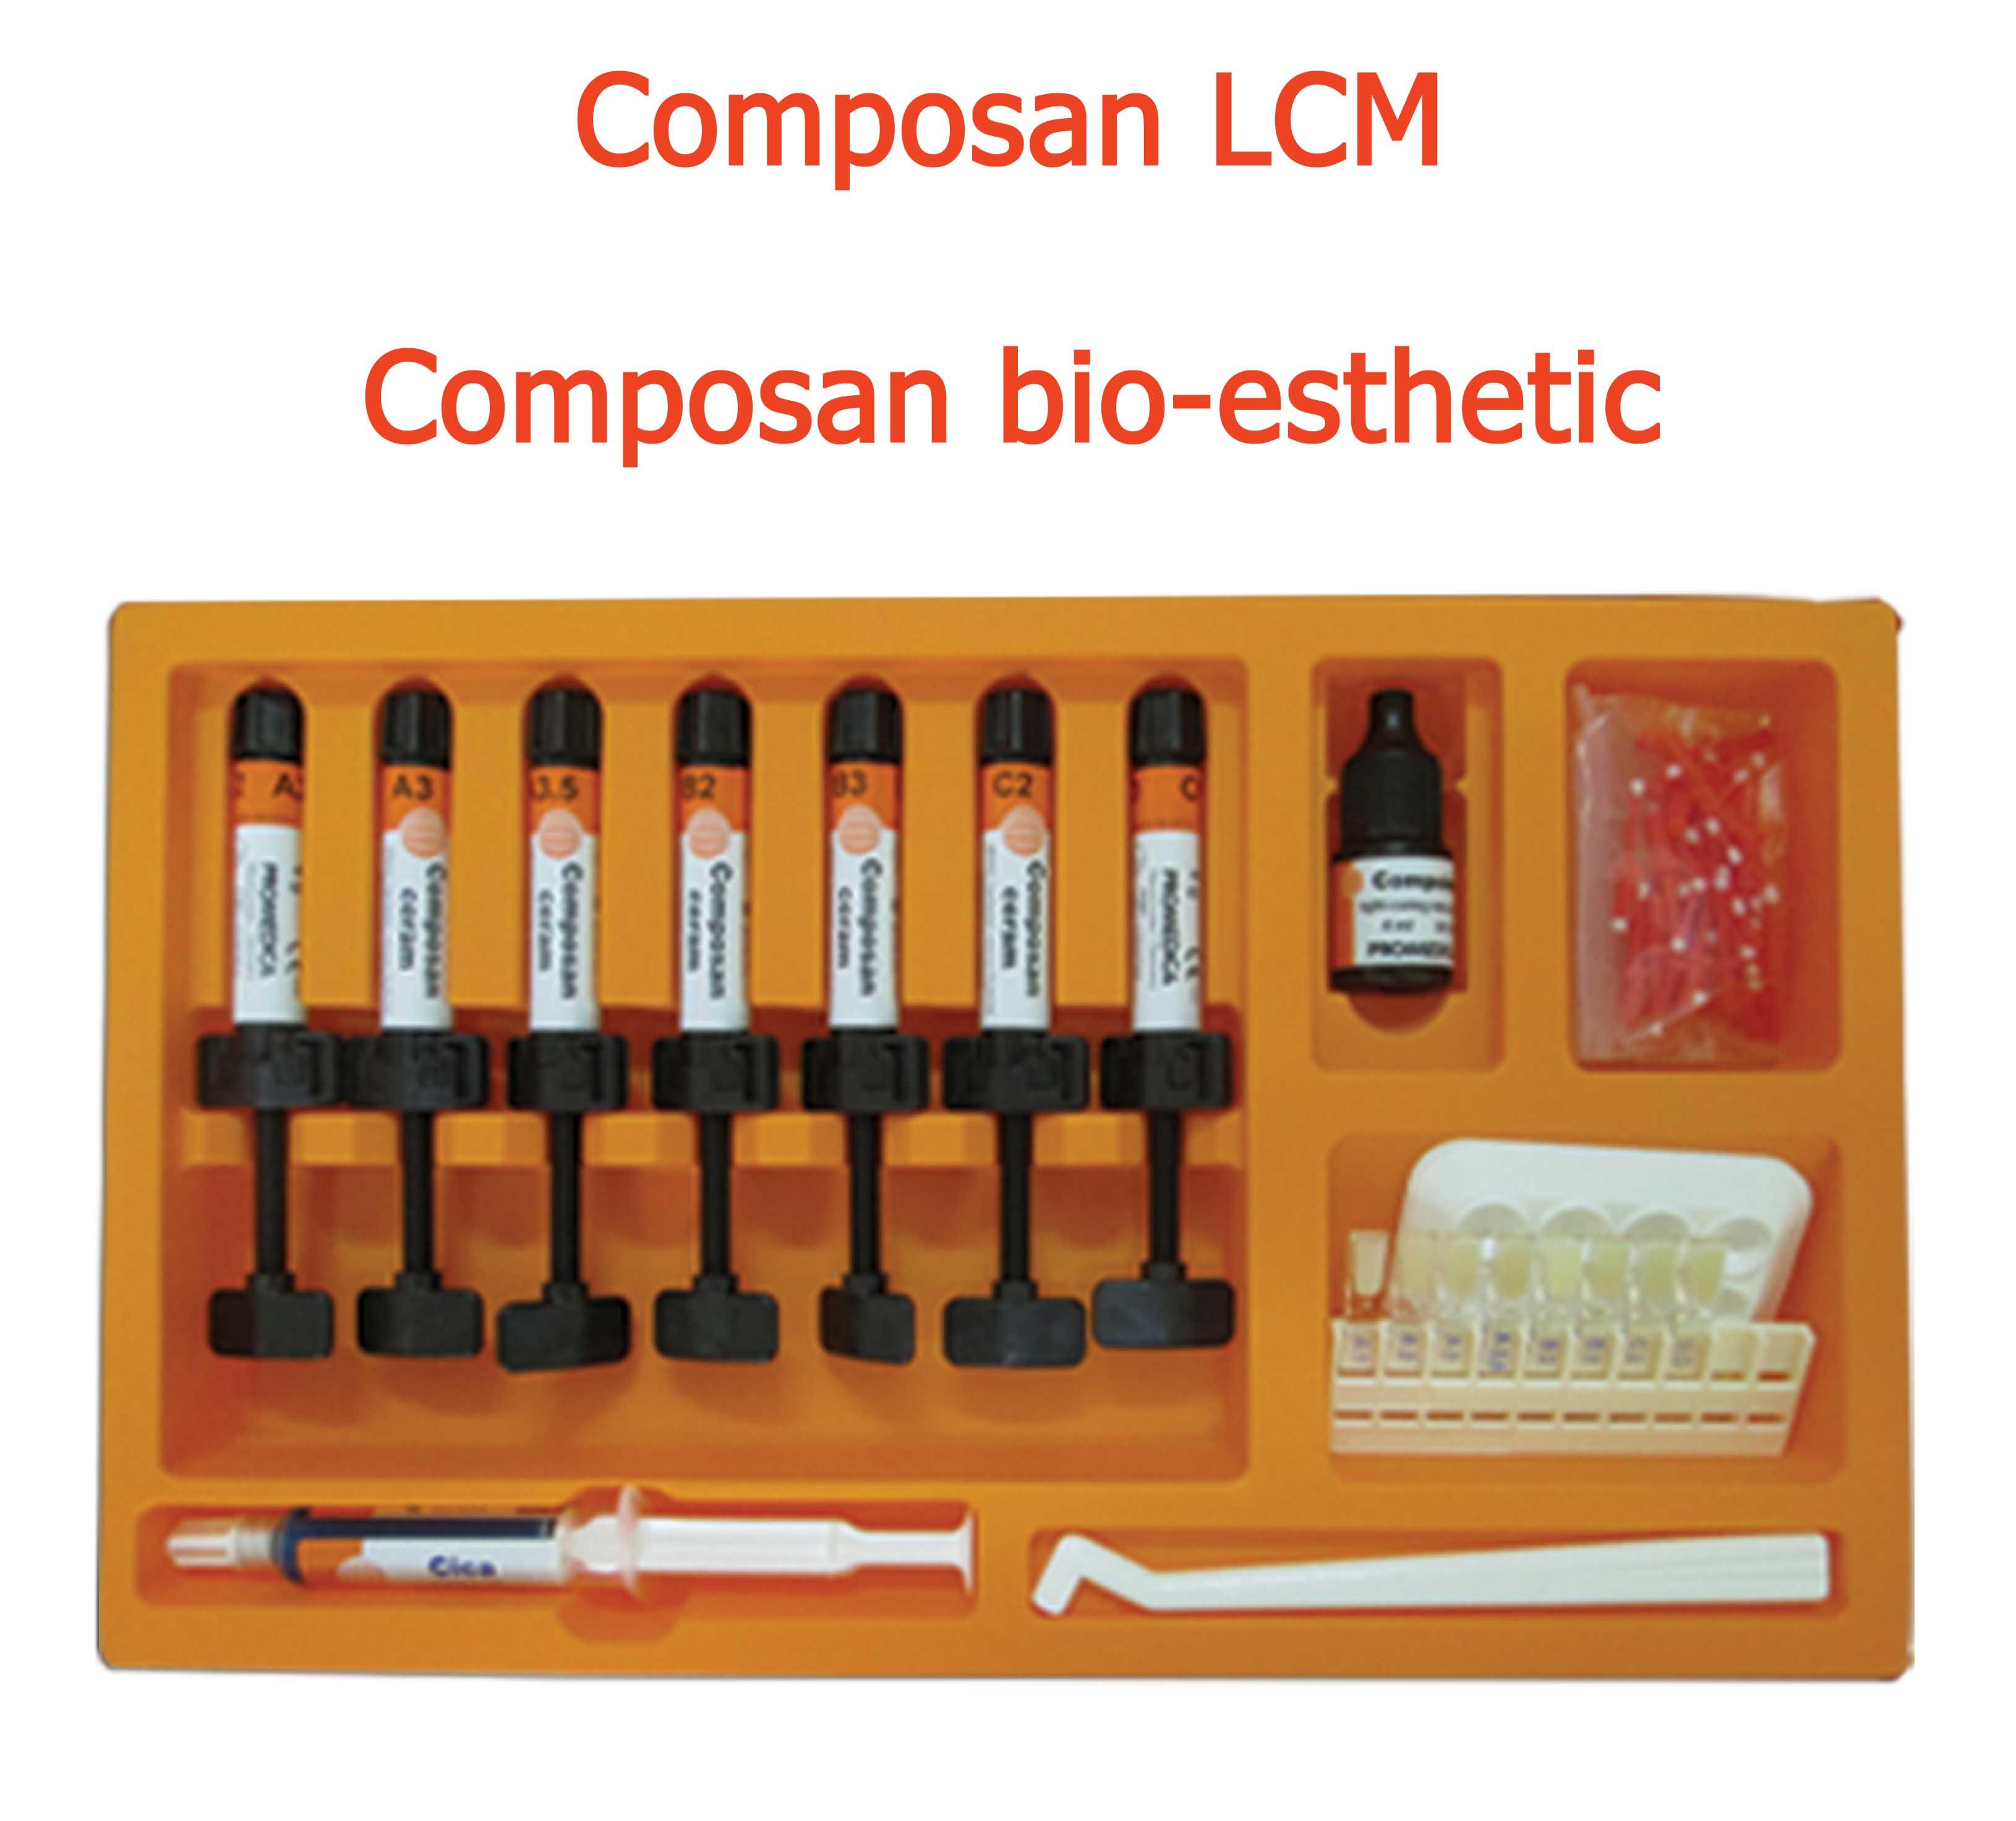 Composan LCM Bio-Esthetic